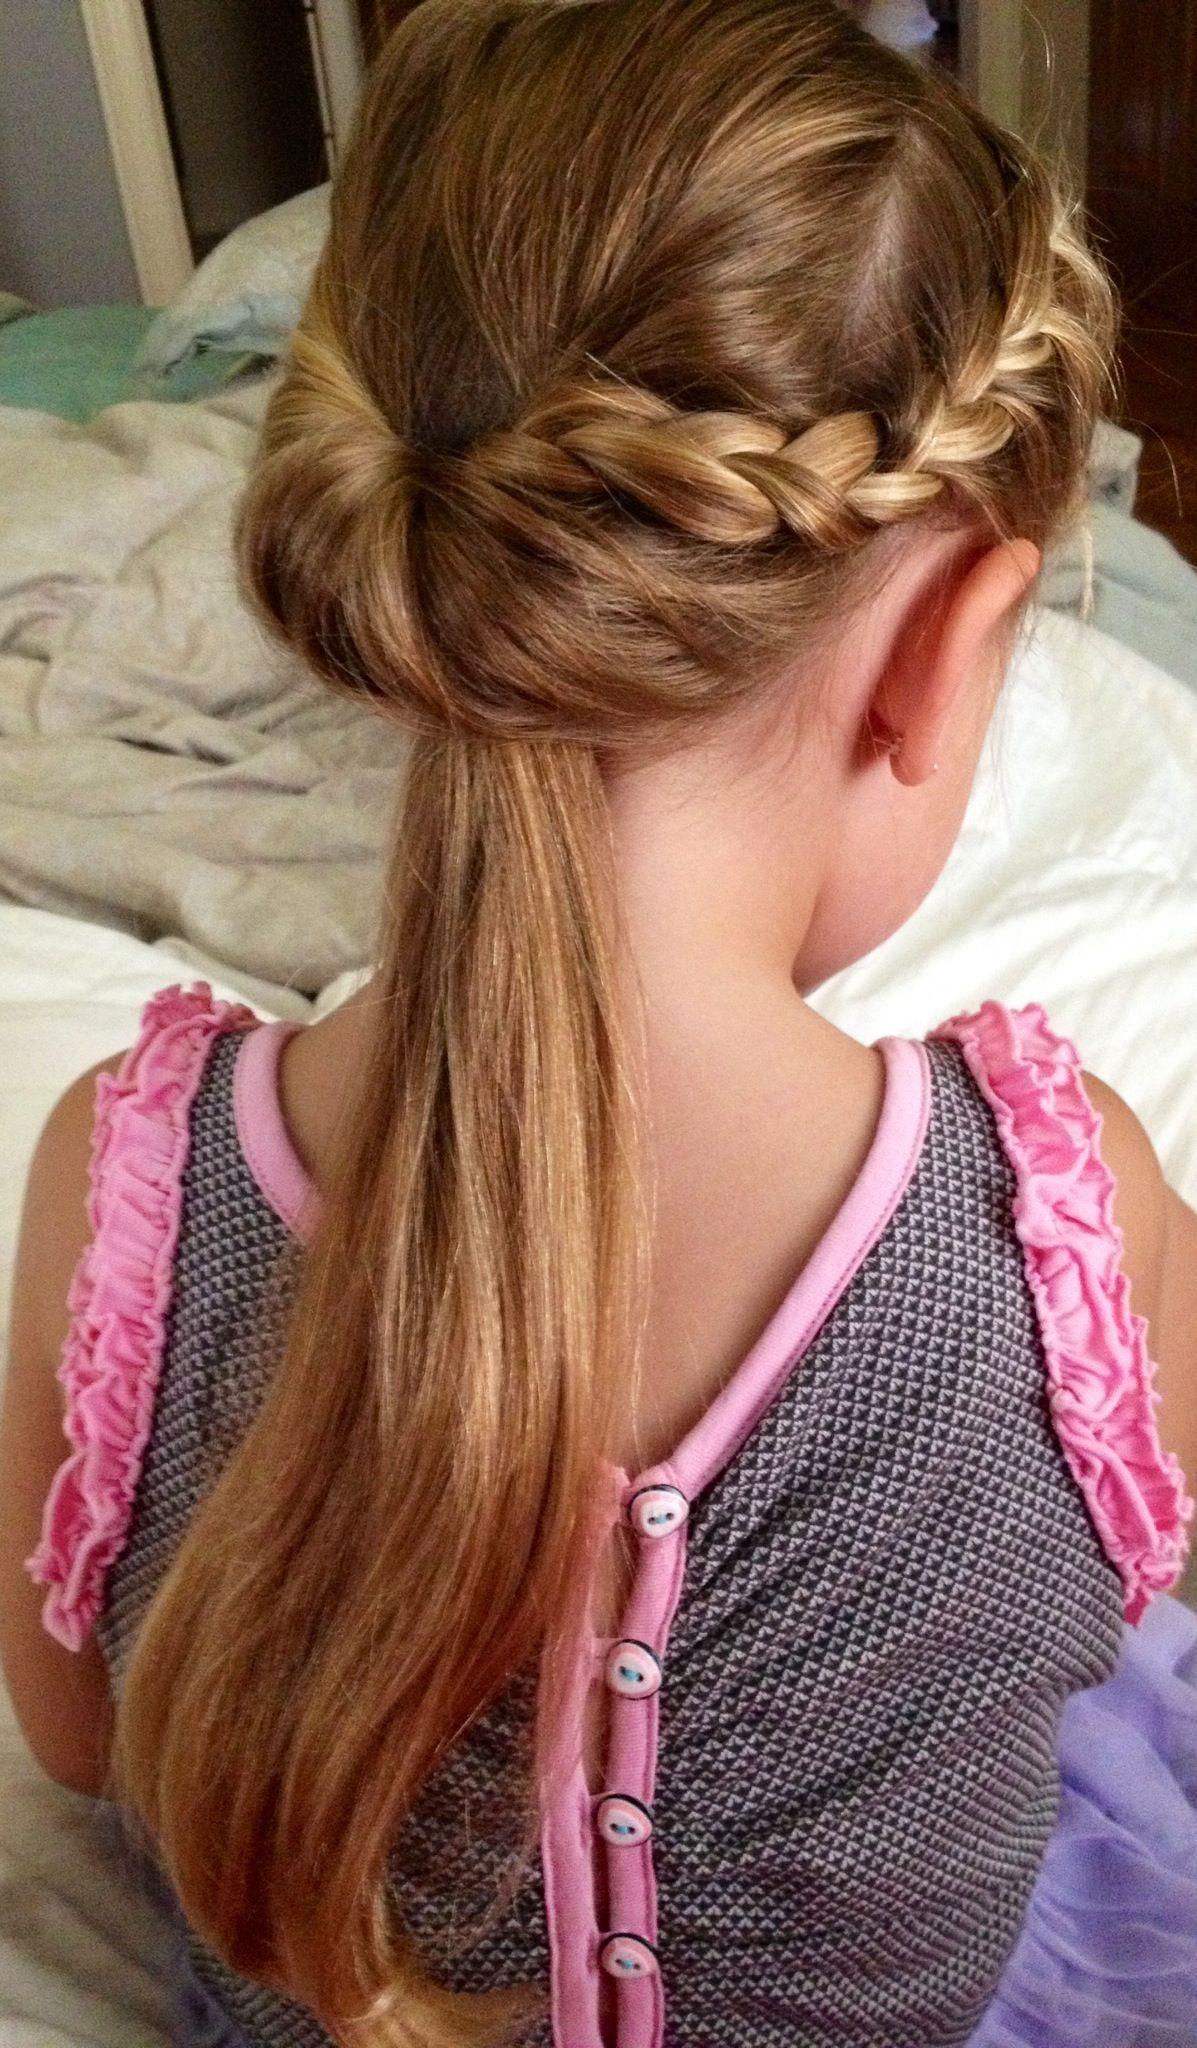 Hairstyles For Girls Braids Fancy Ponytail Swaypunzel Haare Madchen Geflochtene Frisuren Flechtfrisuren